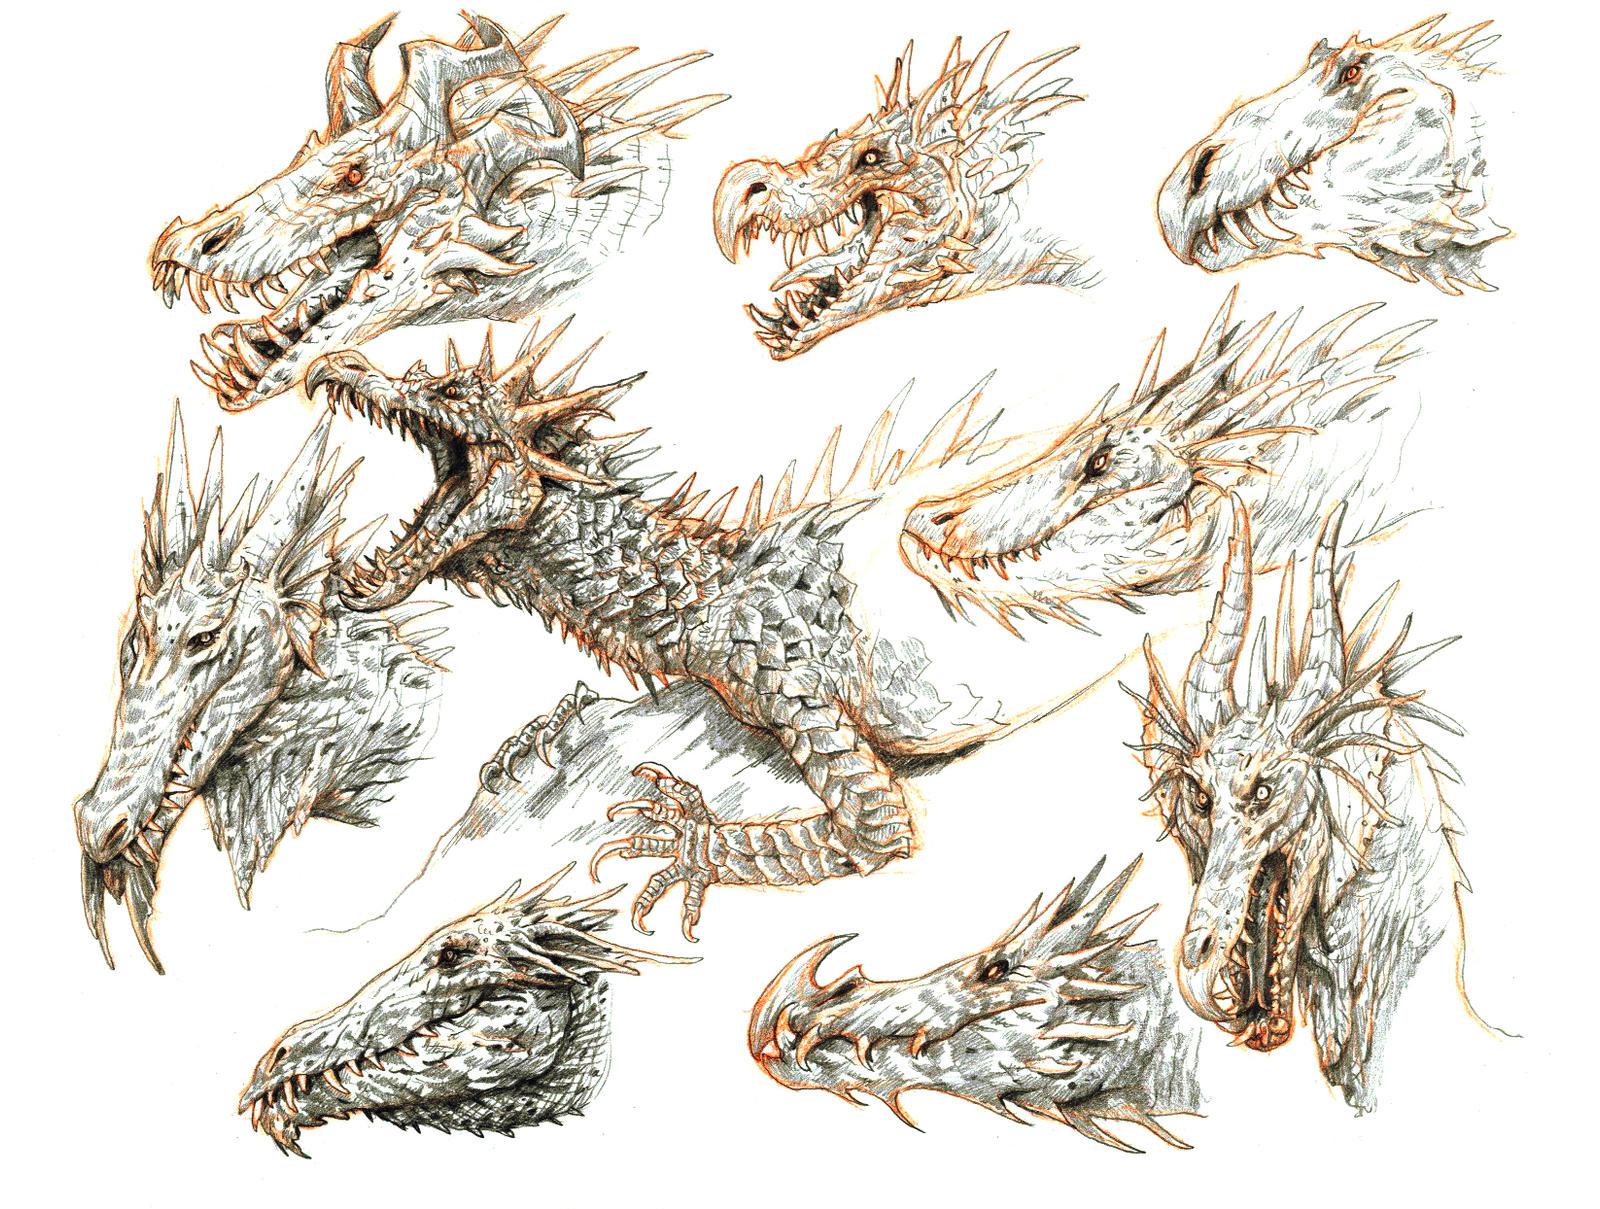 More dragons by eoghankerrigan